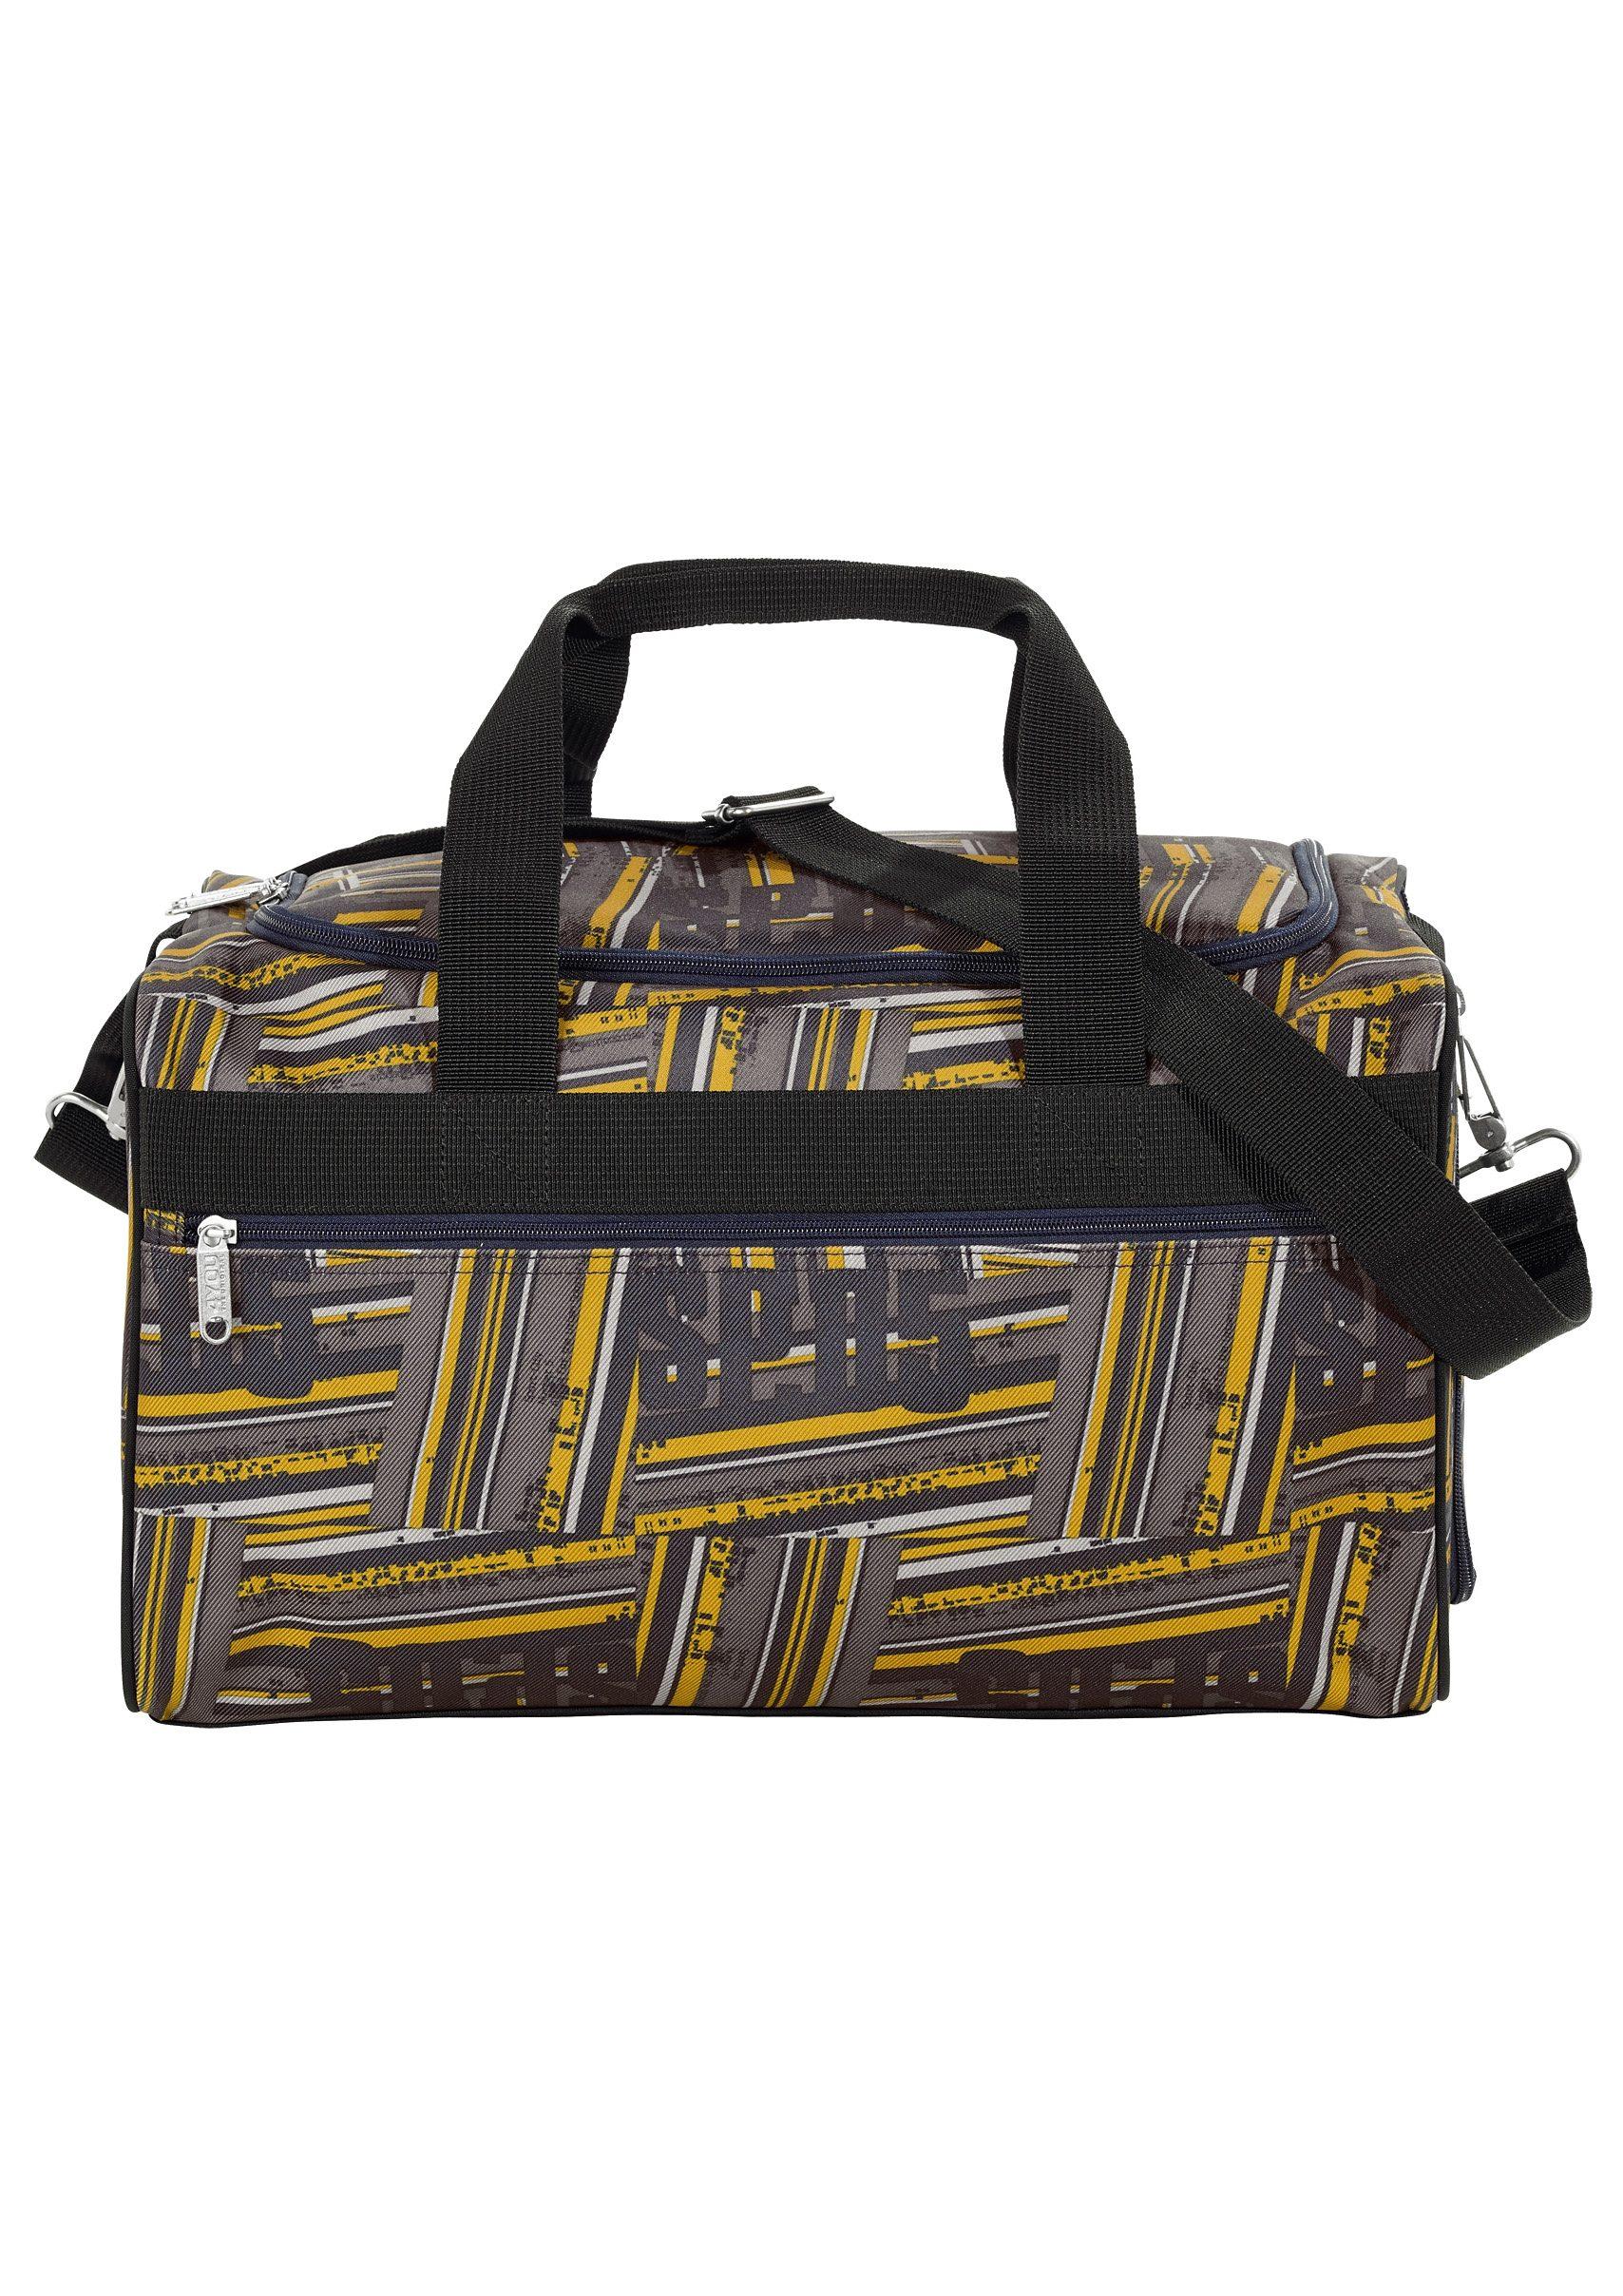 4YOU Sporttasche, Stripes, »Sportbag M«